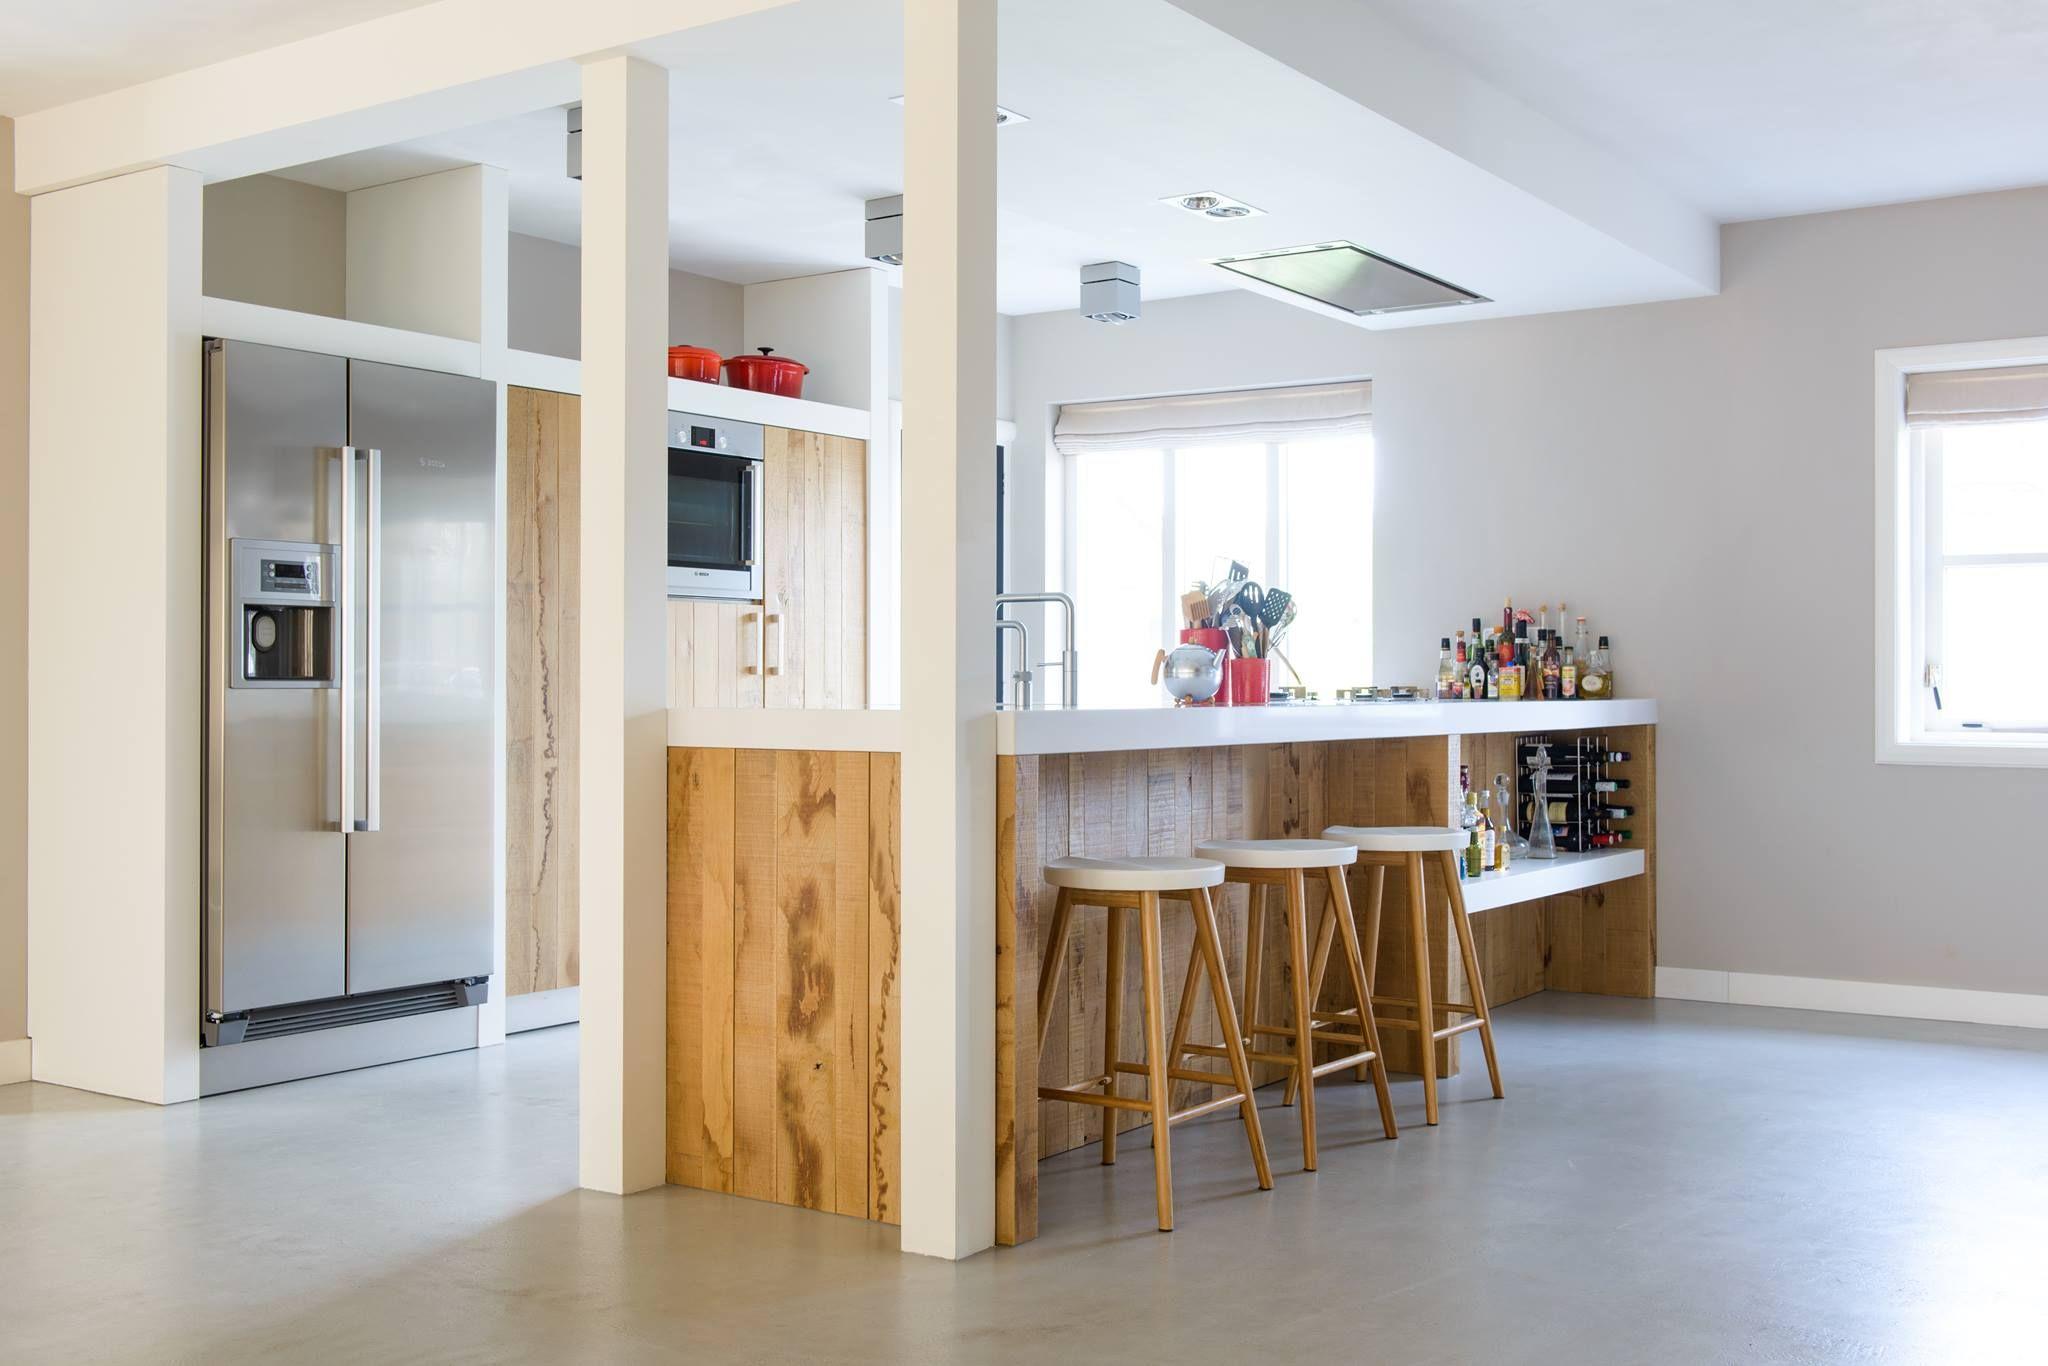 Kookeiland Keuken Houten : Lichte en stoere ruw eiken keuken met kookeiland van jp walker